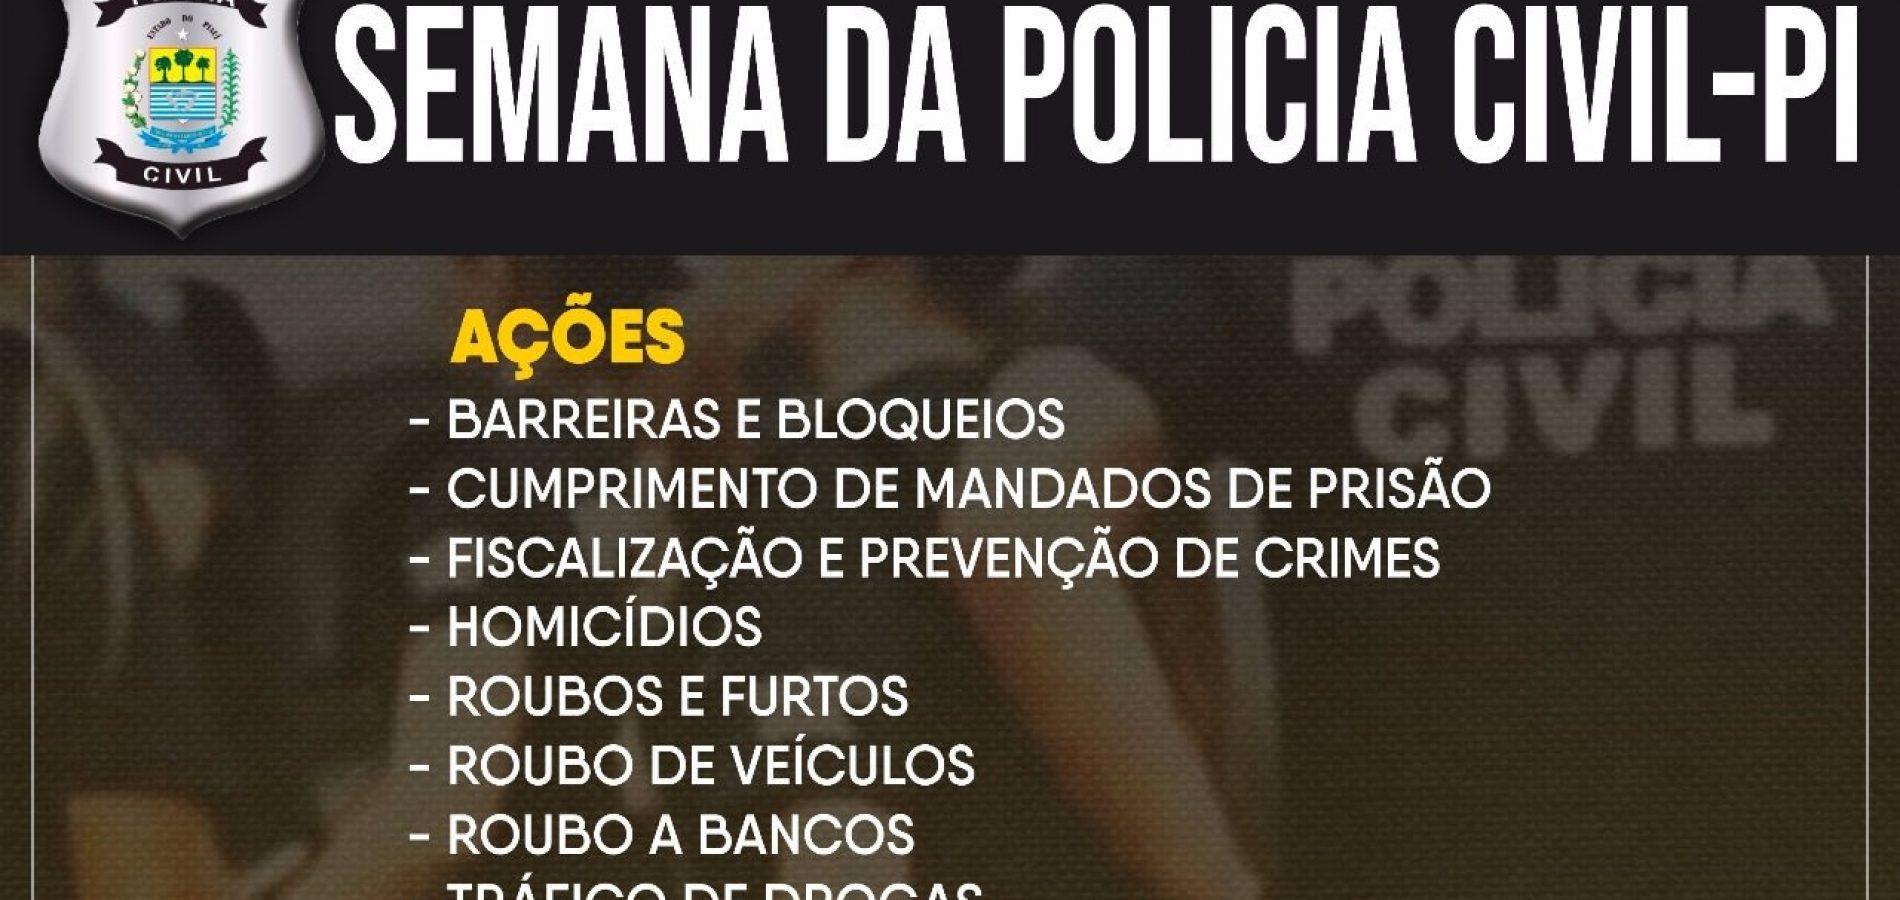 Polícia Civil realiza operações de combate a crimes na capital e no interior do Piauí